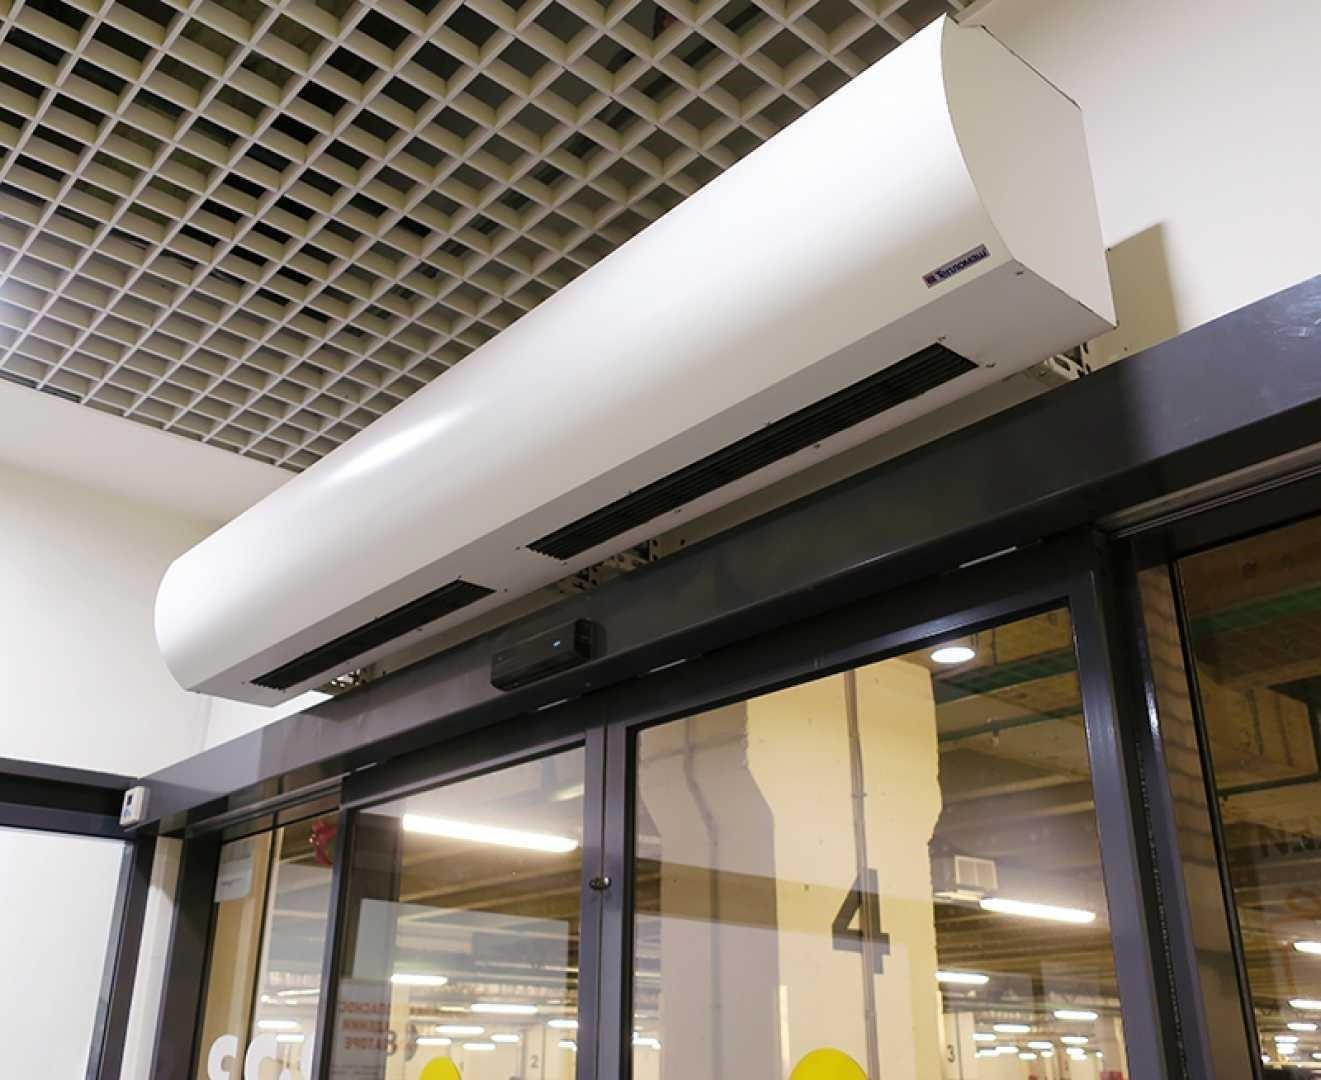 Тепловая завеса КЭВ-5П1153E - 5 кВт (длина 0,8 м.), для проемов высотой от 1-2,2 м.